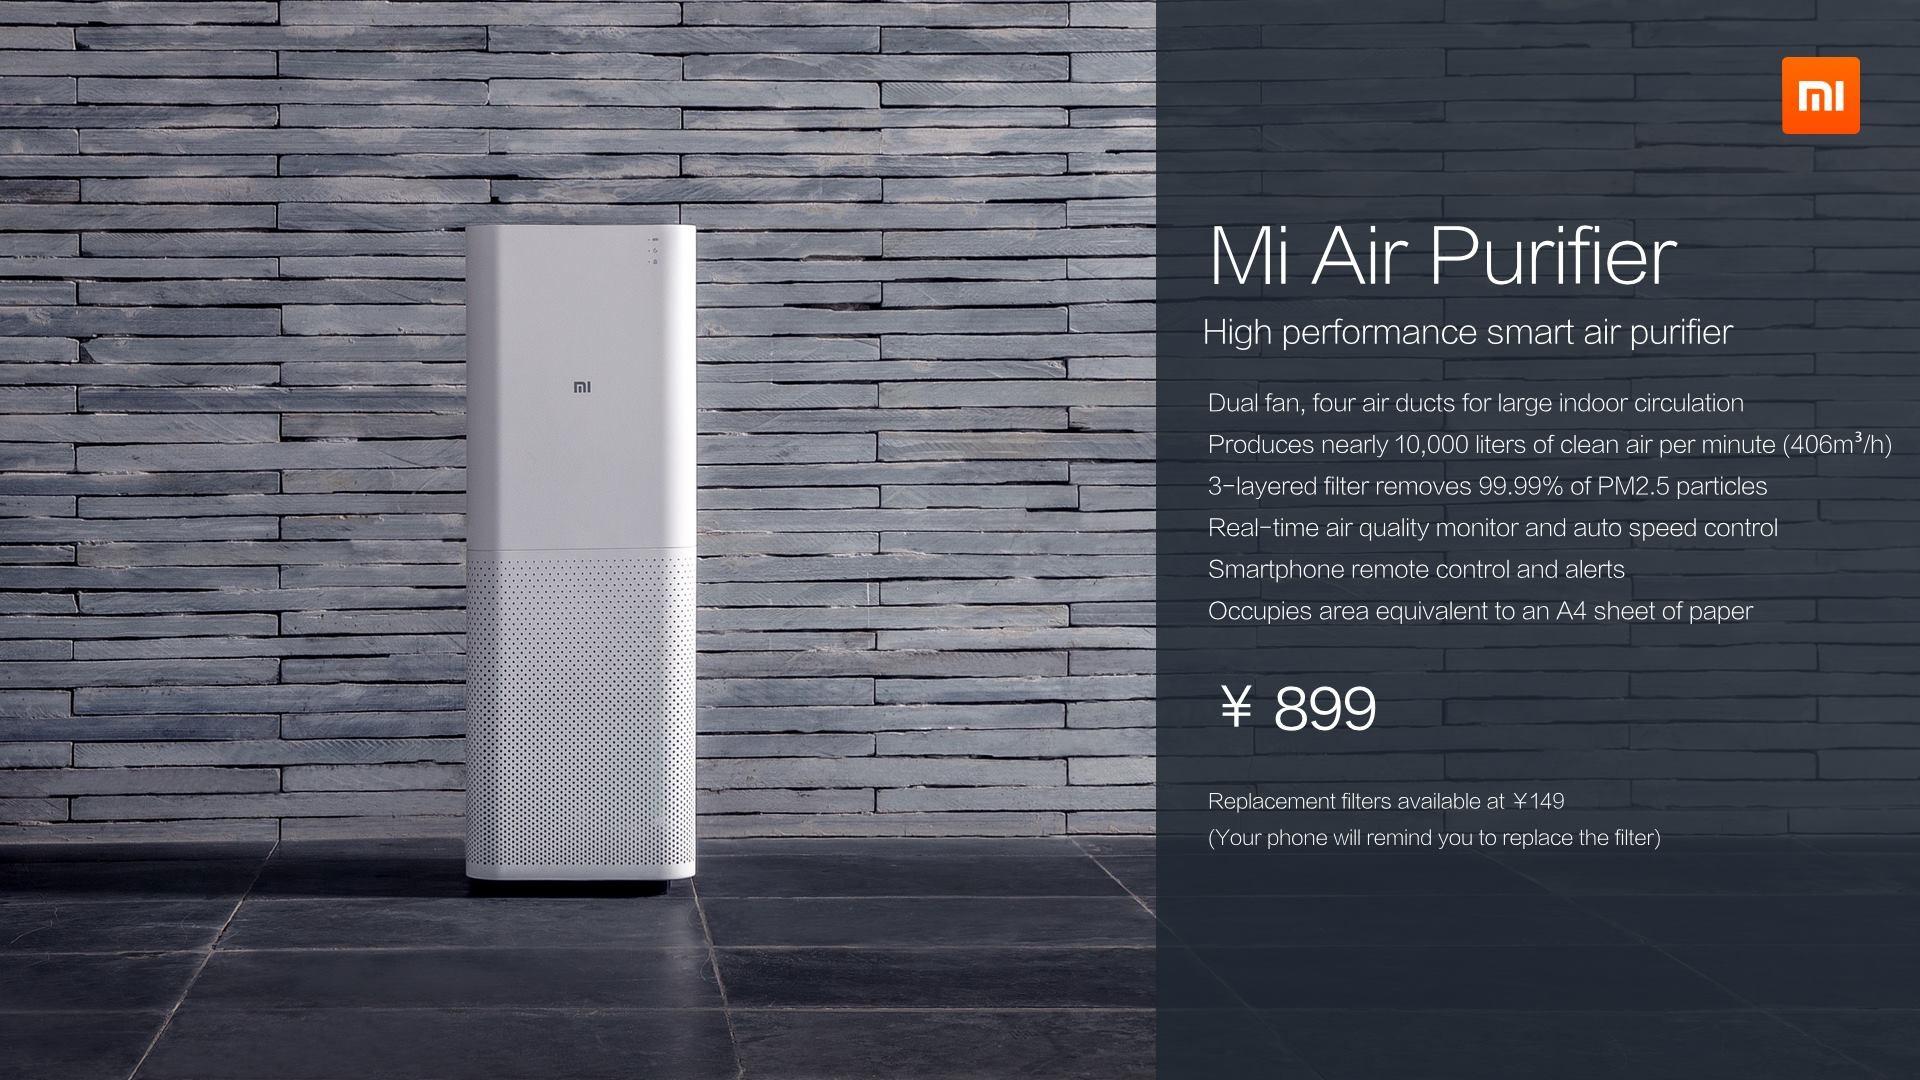 Xiaomi Mi Air Purifier (1)